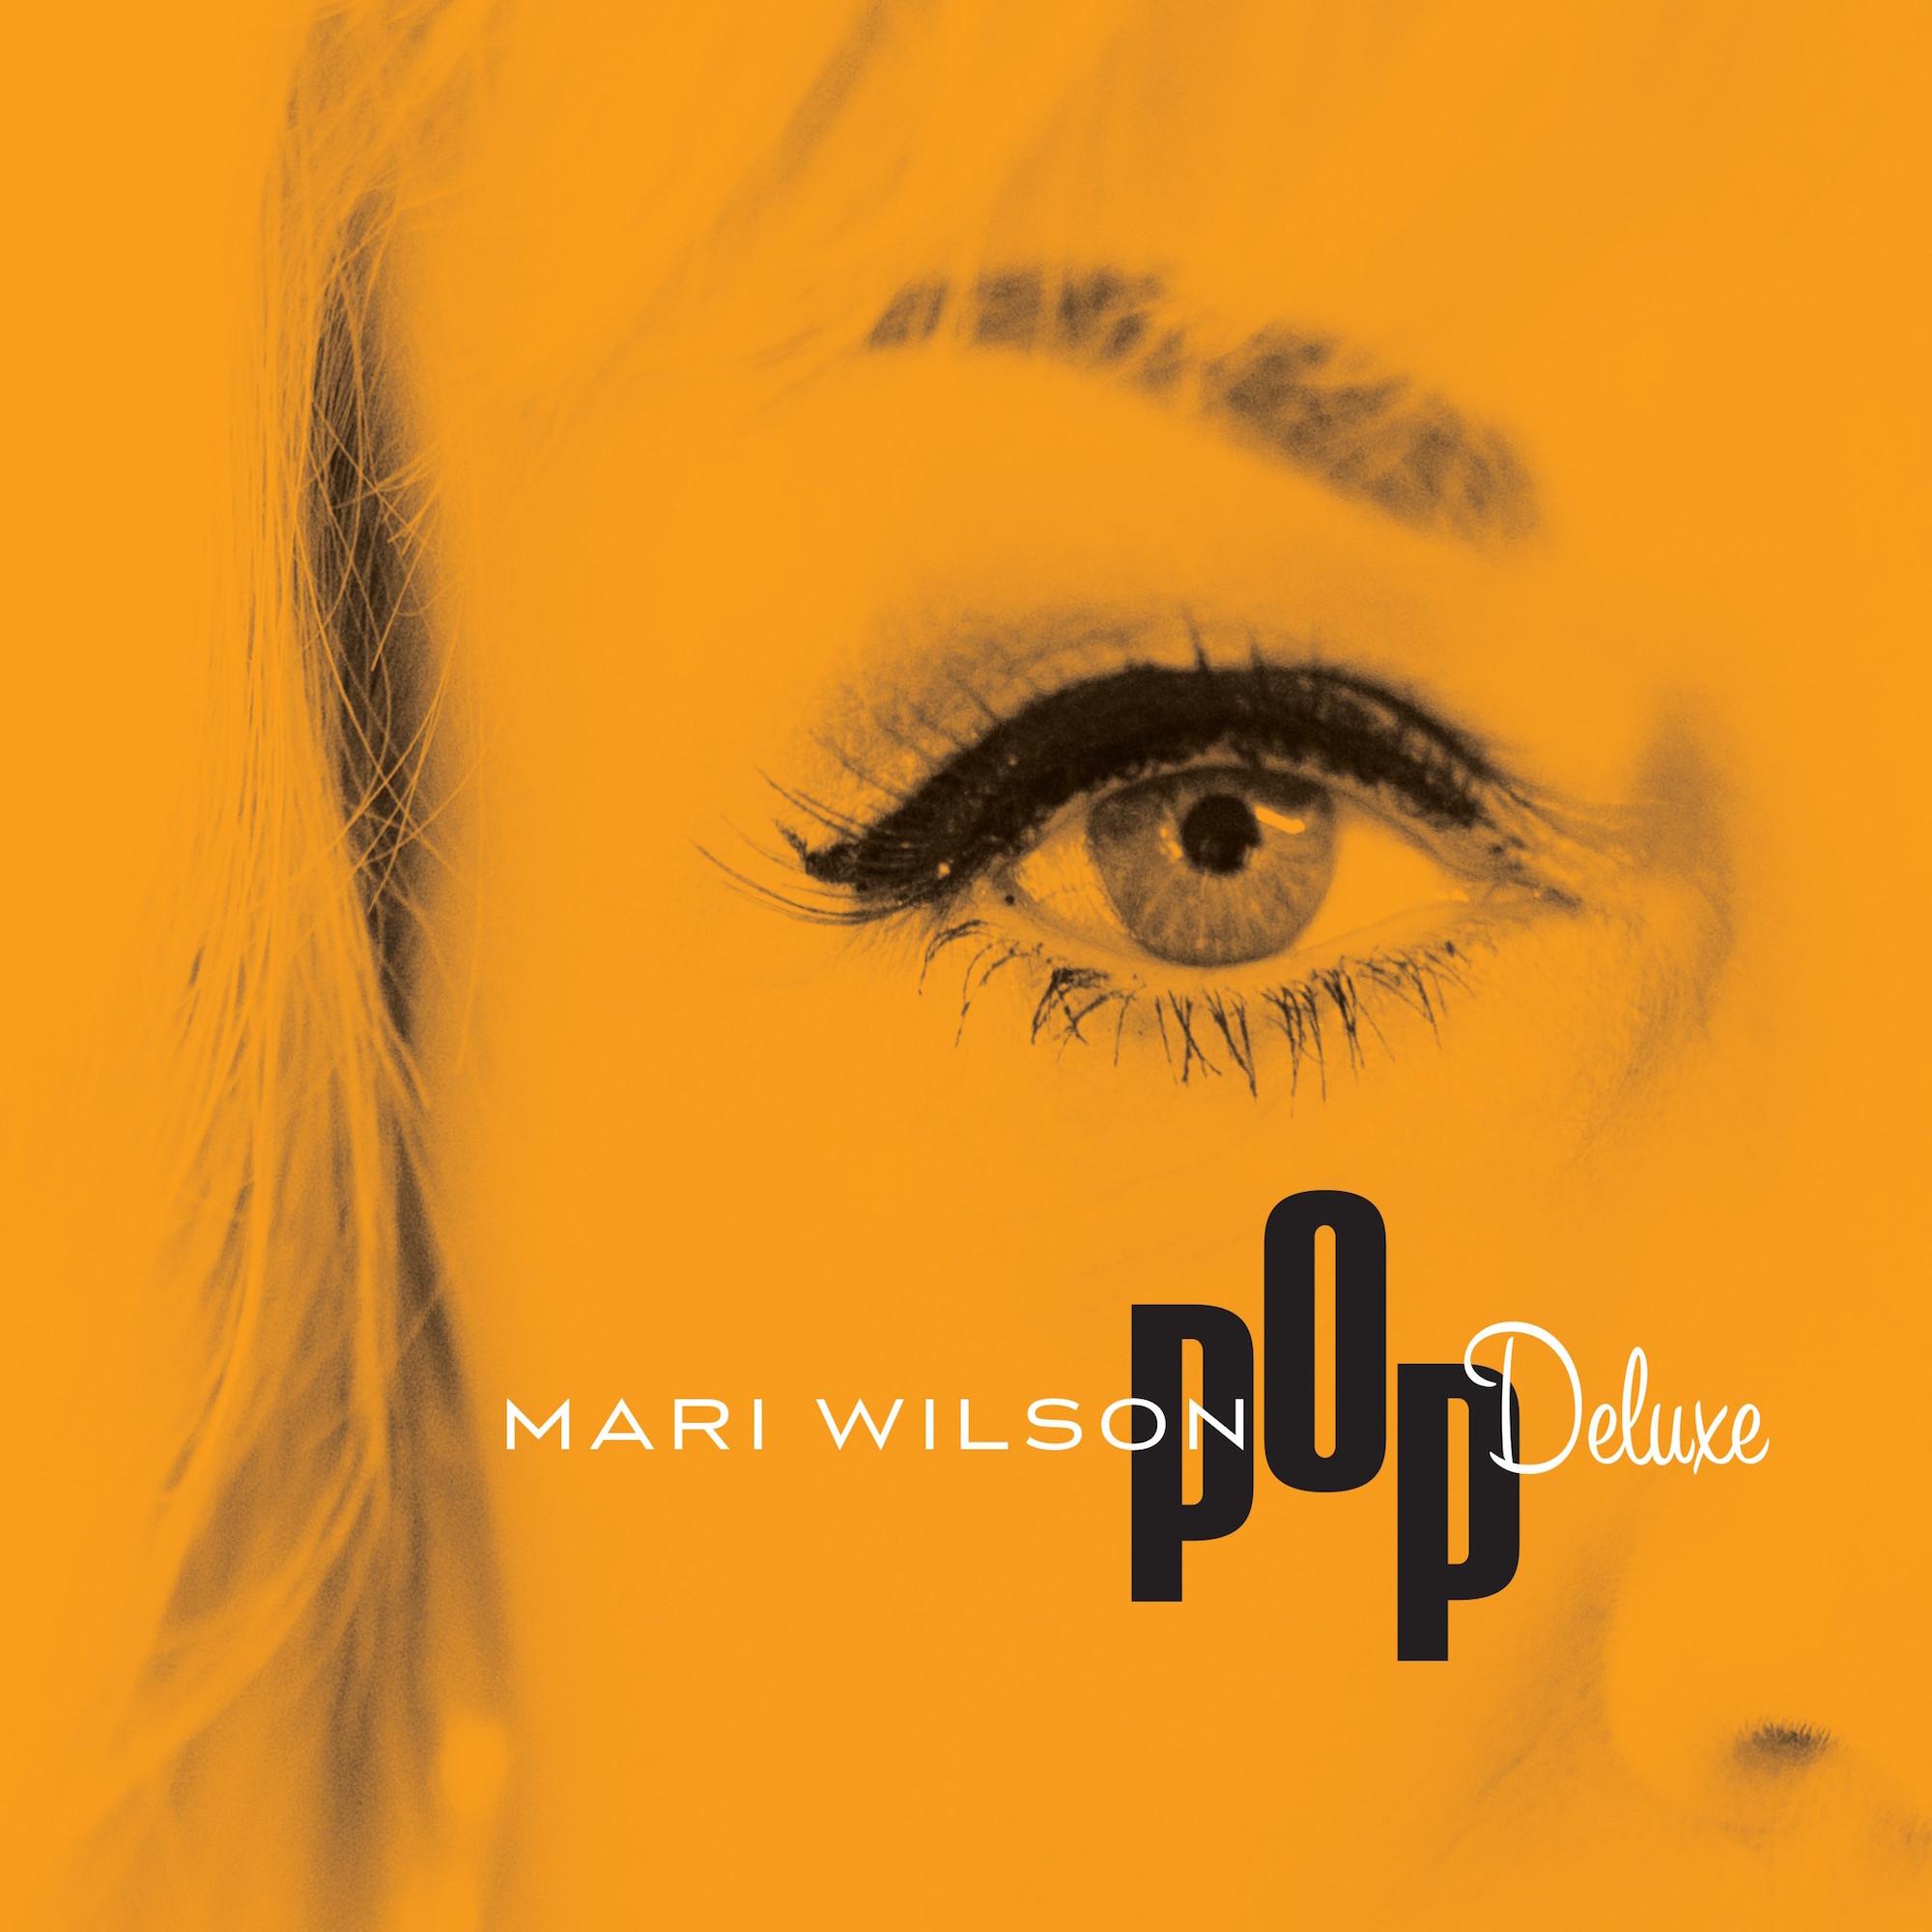 Pop Deluxe (Digital Download) [2016] - Mari Wilson